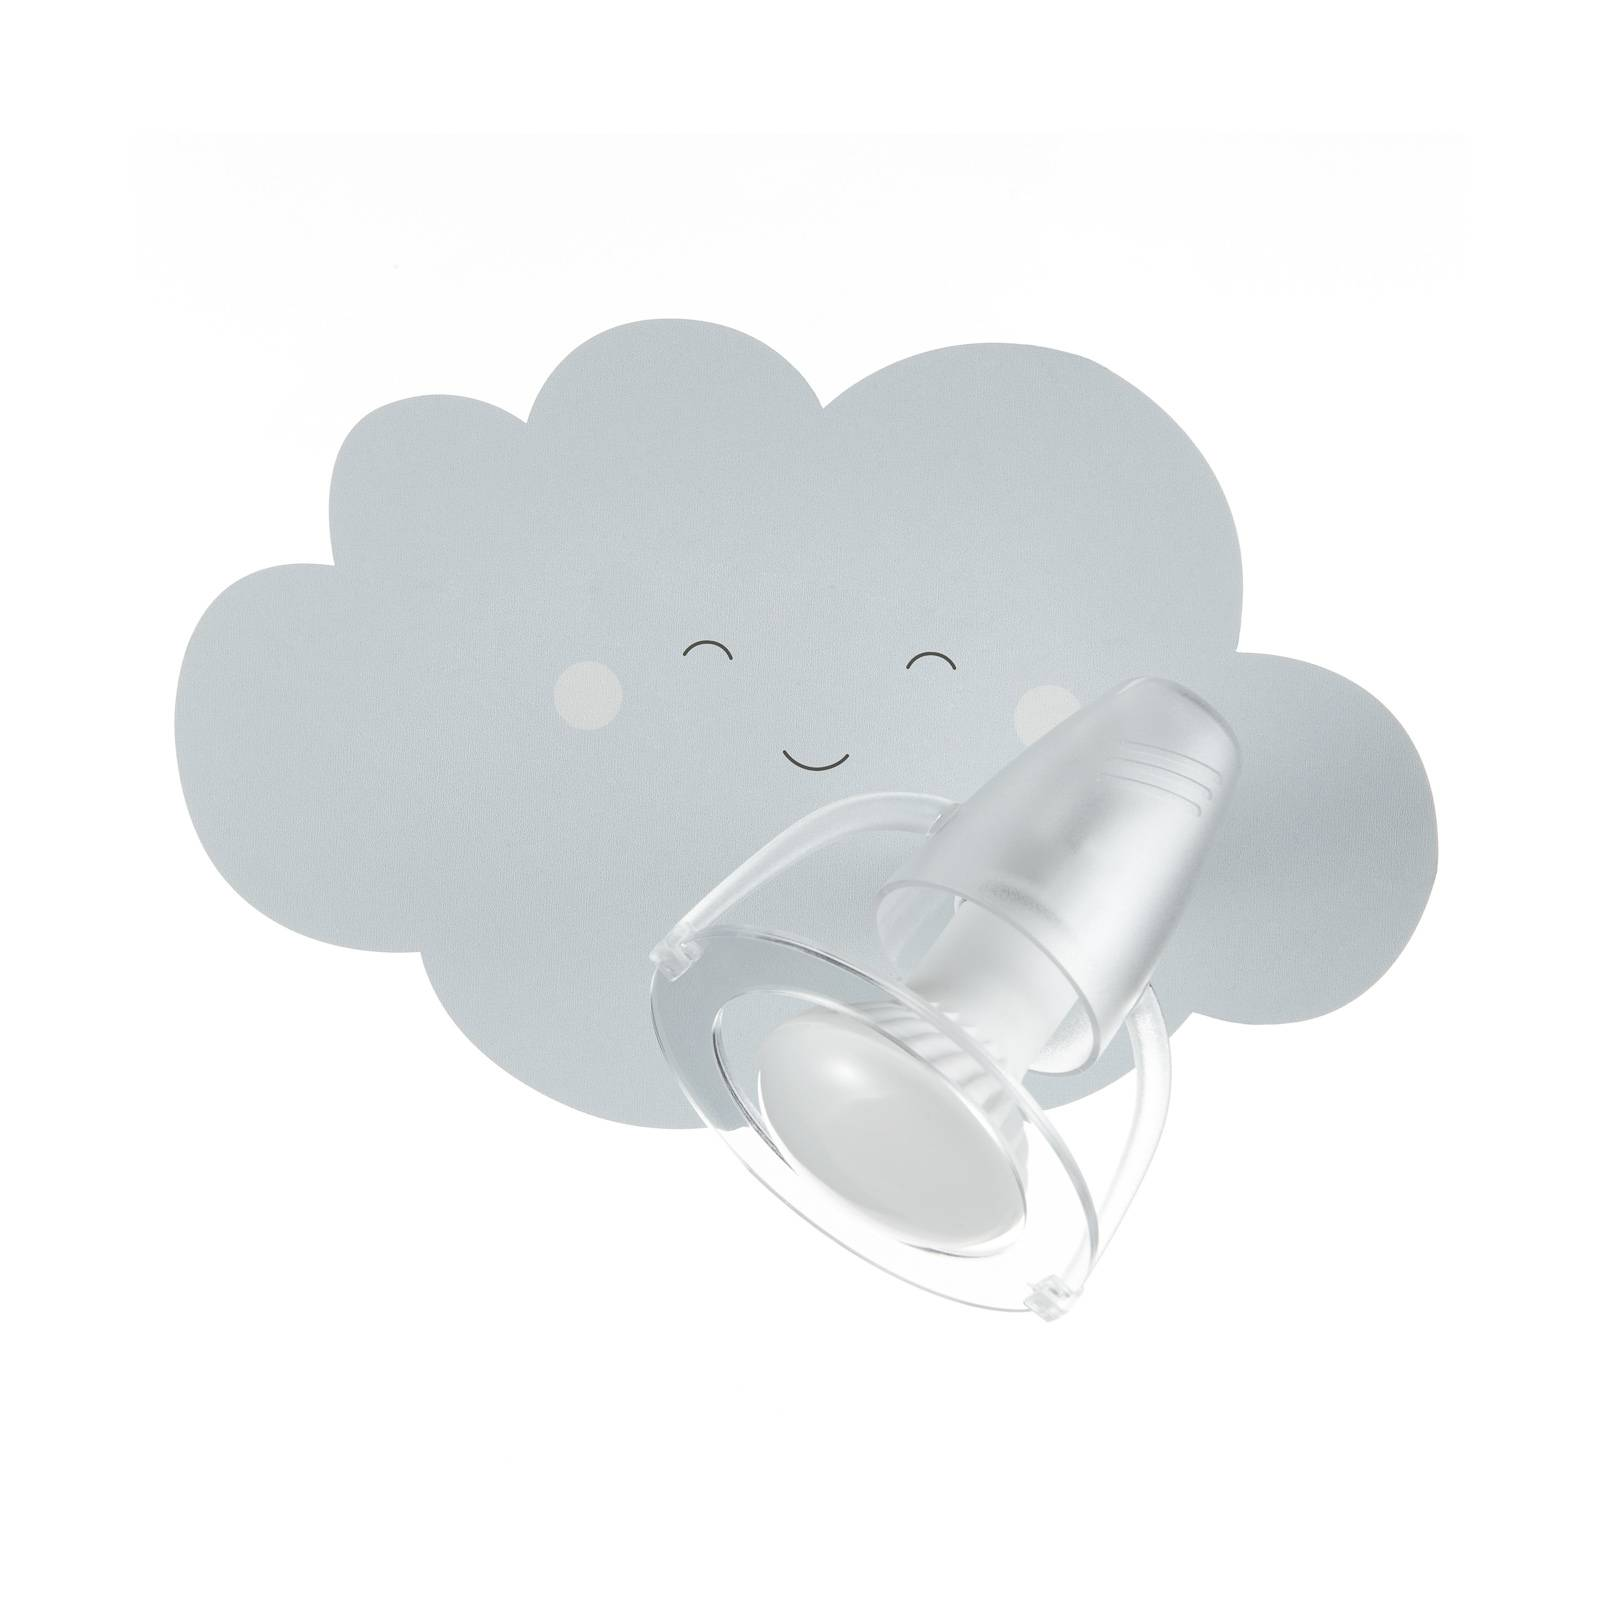 Wandleuchte Wolkengesicht in Grau mit Spot